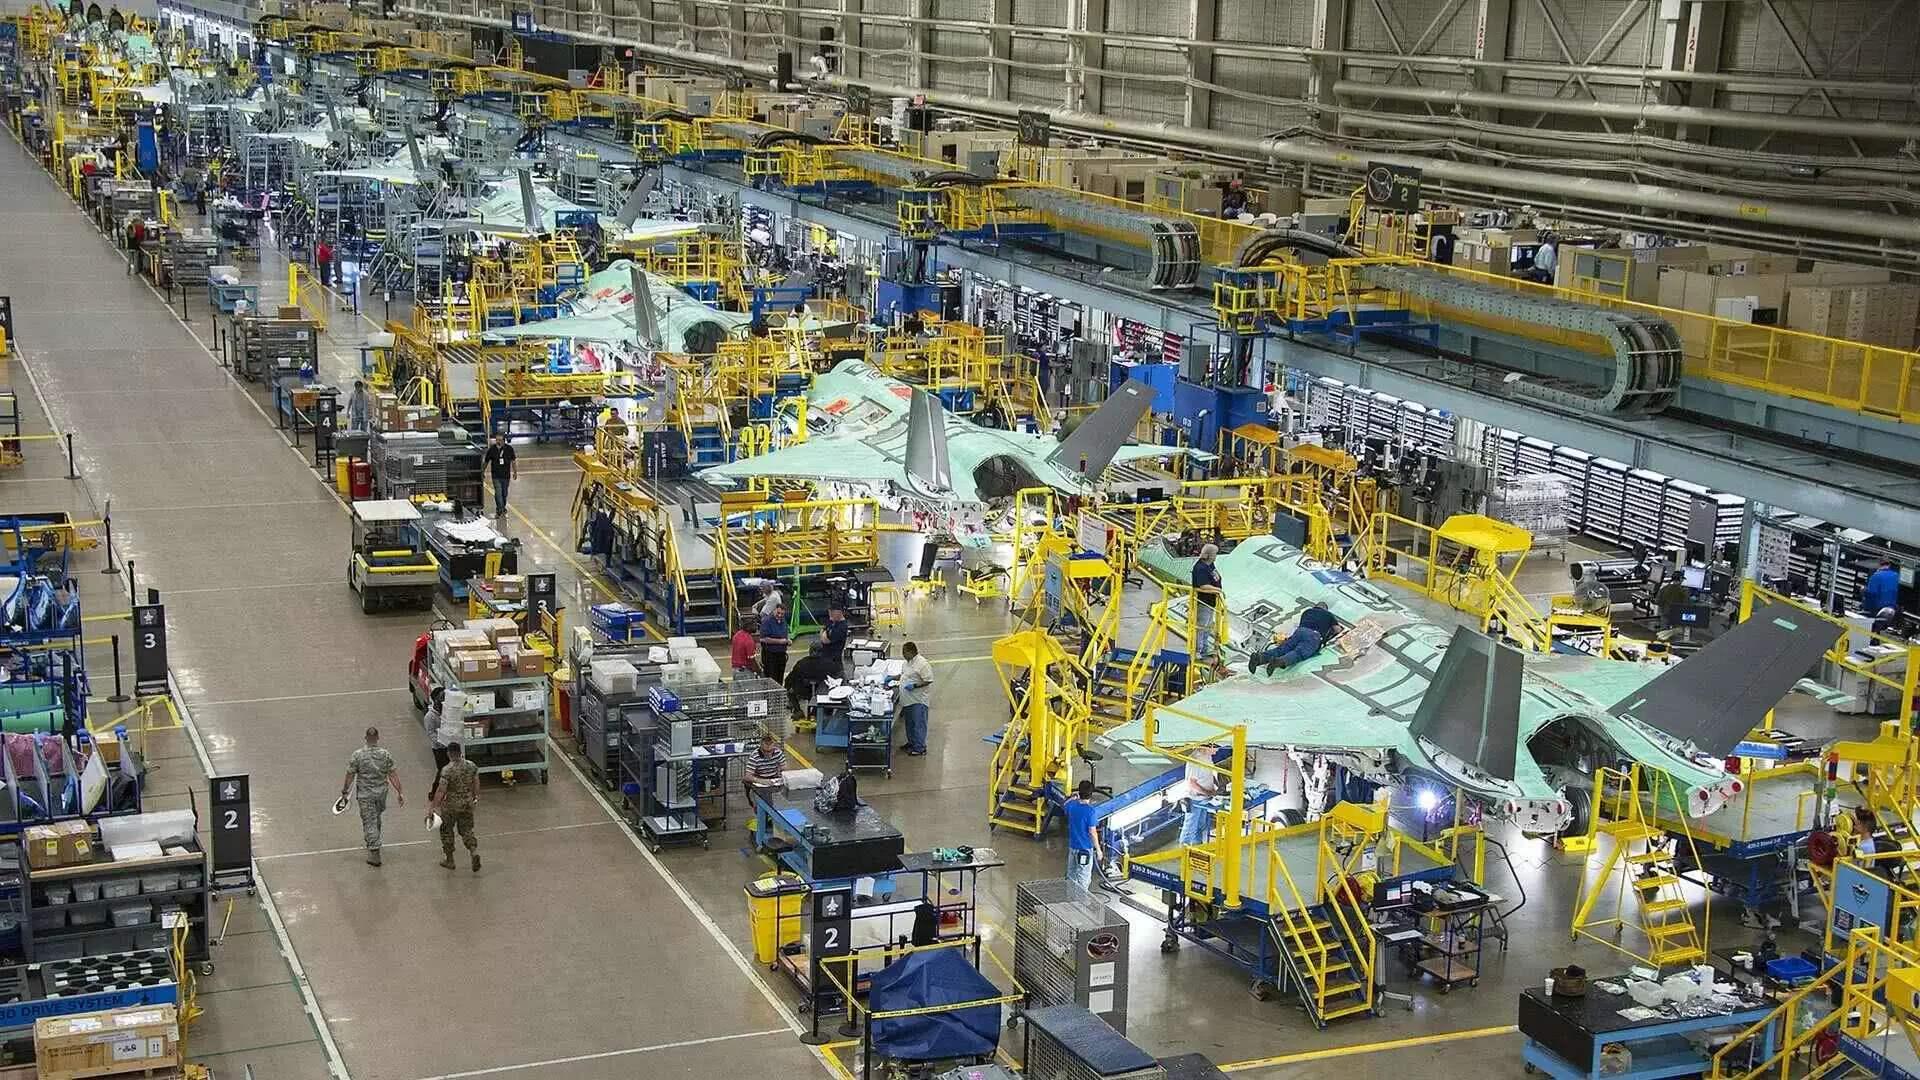 特朗普暗示F-35战机实现纯美国造 要踢出外国制造商